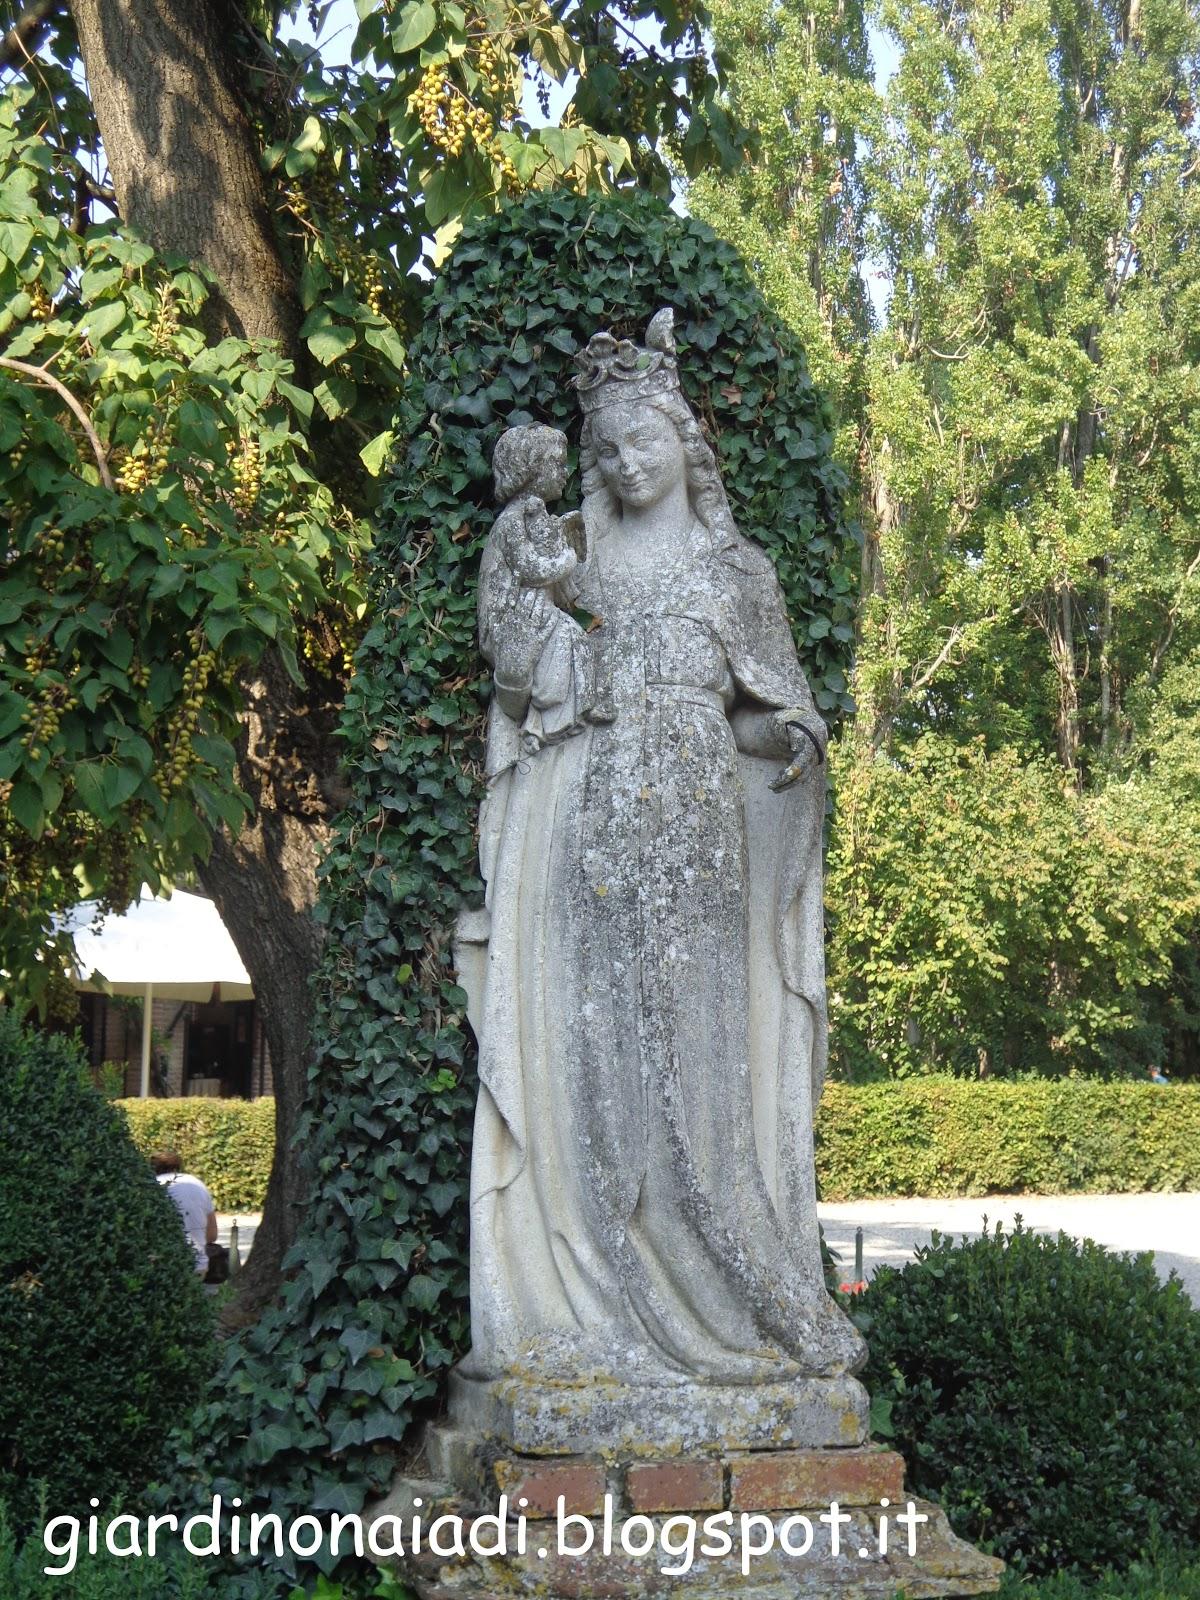 Il giardino delle naiadi giardini segreti hortus conclusus - Il giardino dei fiori segreti ...